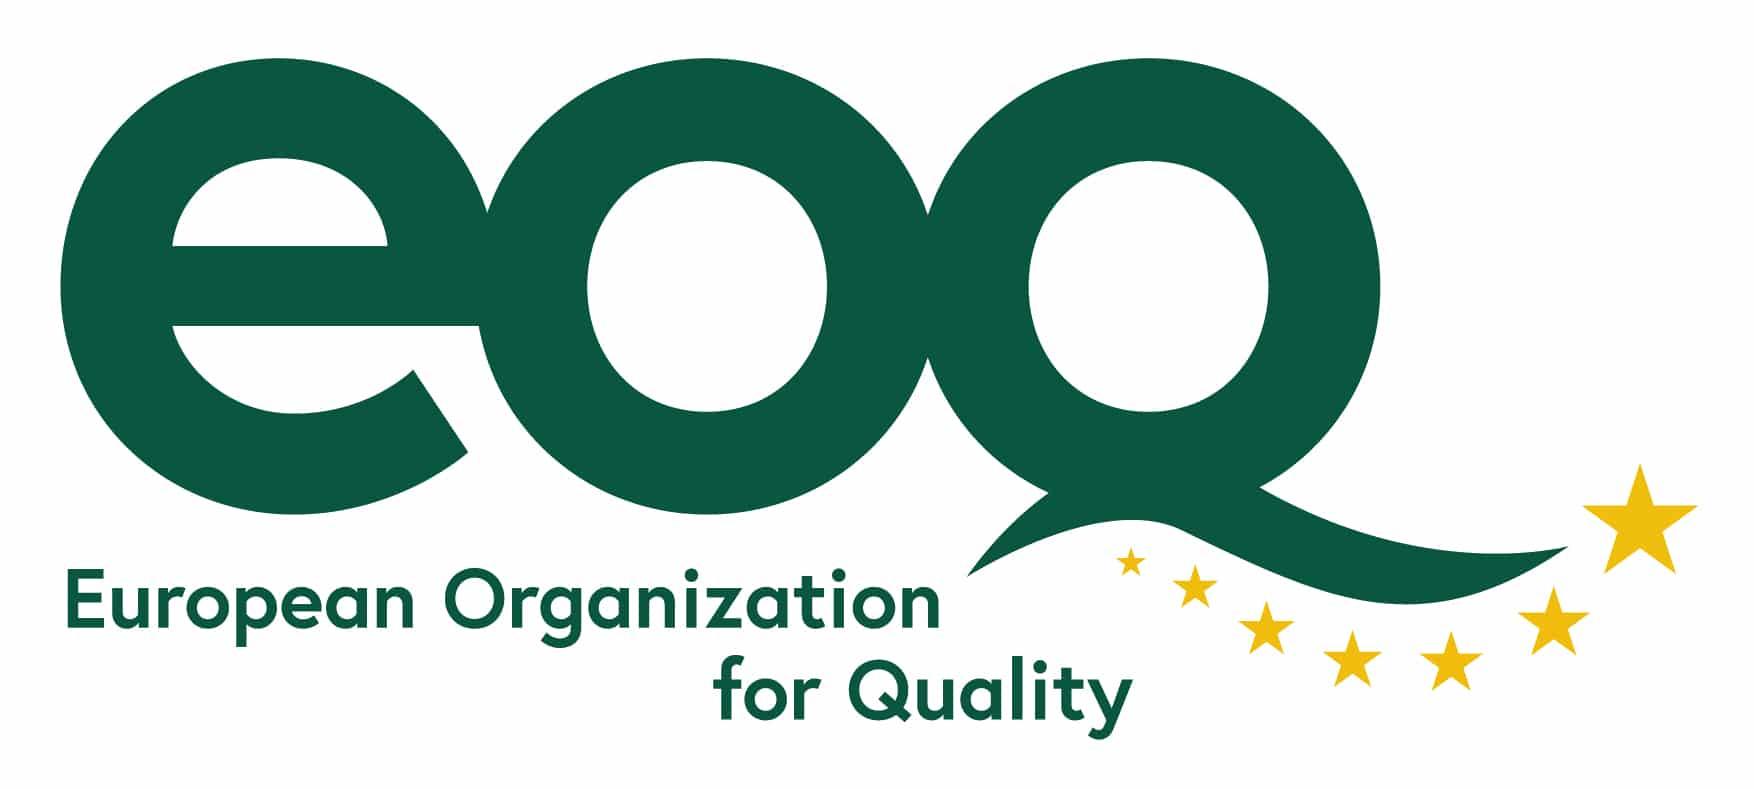 eoq-logo-2010